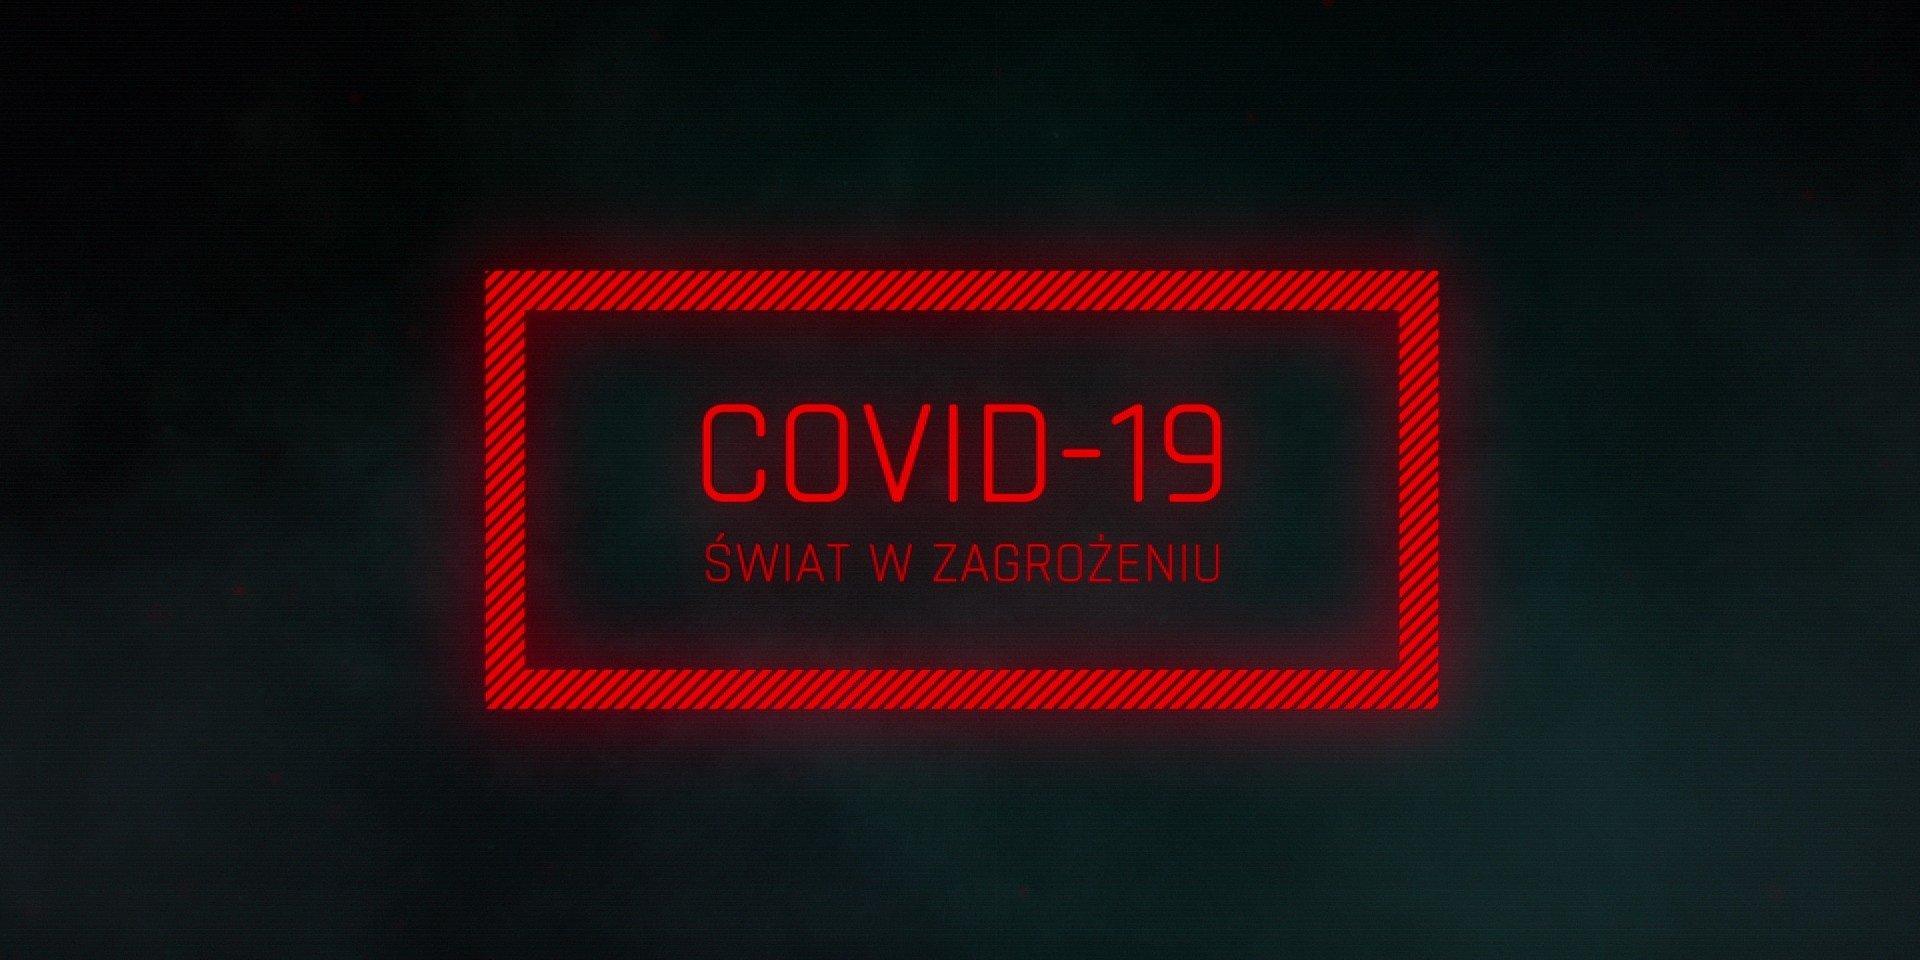 """Premiera najnowszego filmu reporterów """"Superwizjera"""" - """"Covid-19: Świat w zagrożeniu"""" - już 28 czerwca w TVN!"""